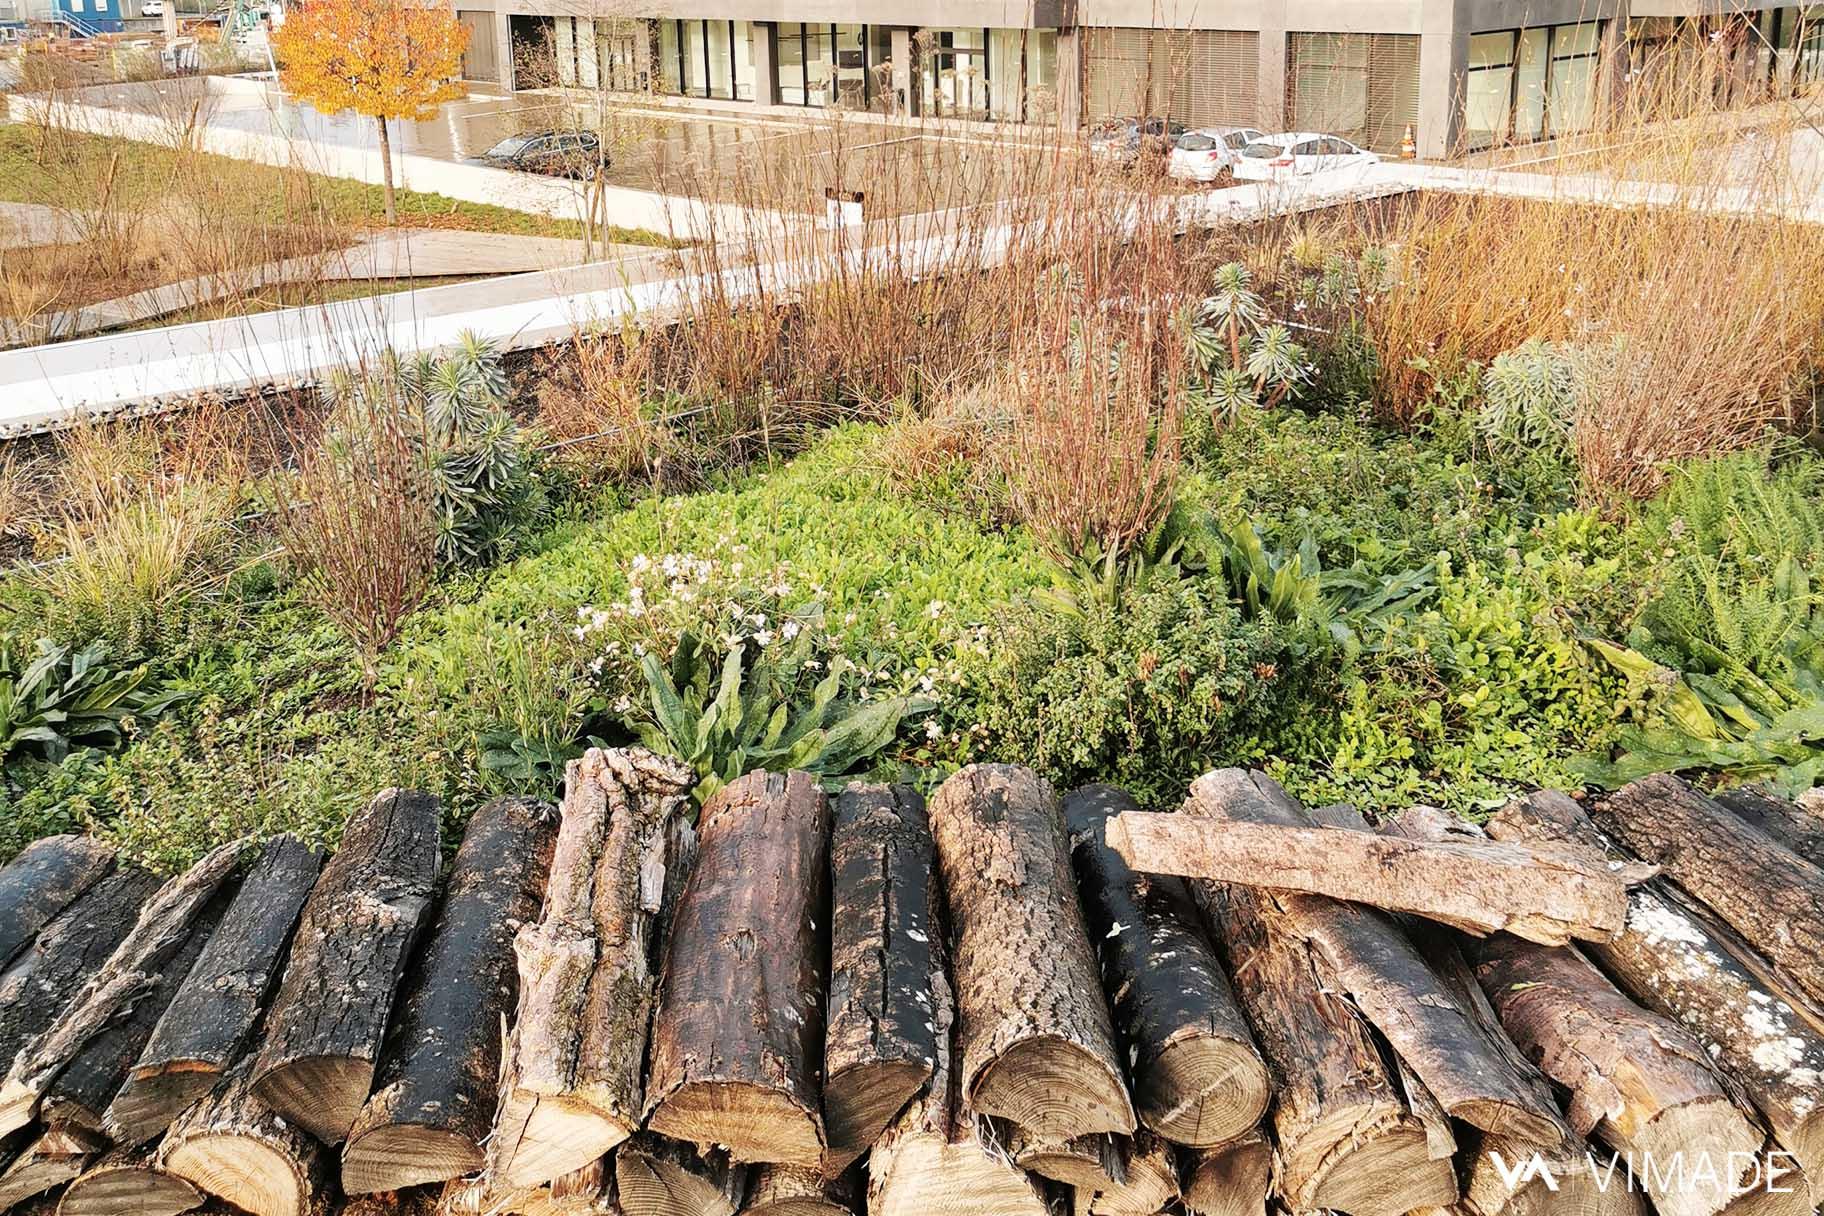 Toiture végétalisé et plantations écologiques et biodiversité, du bâtiment Luigia du site The hive à Meyrin par le bureau VIMADE Architectes paysagistes Genève.